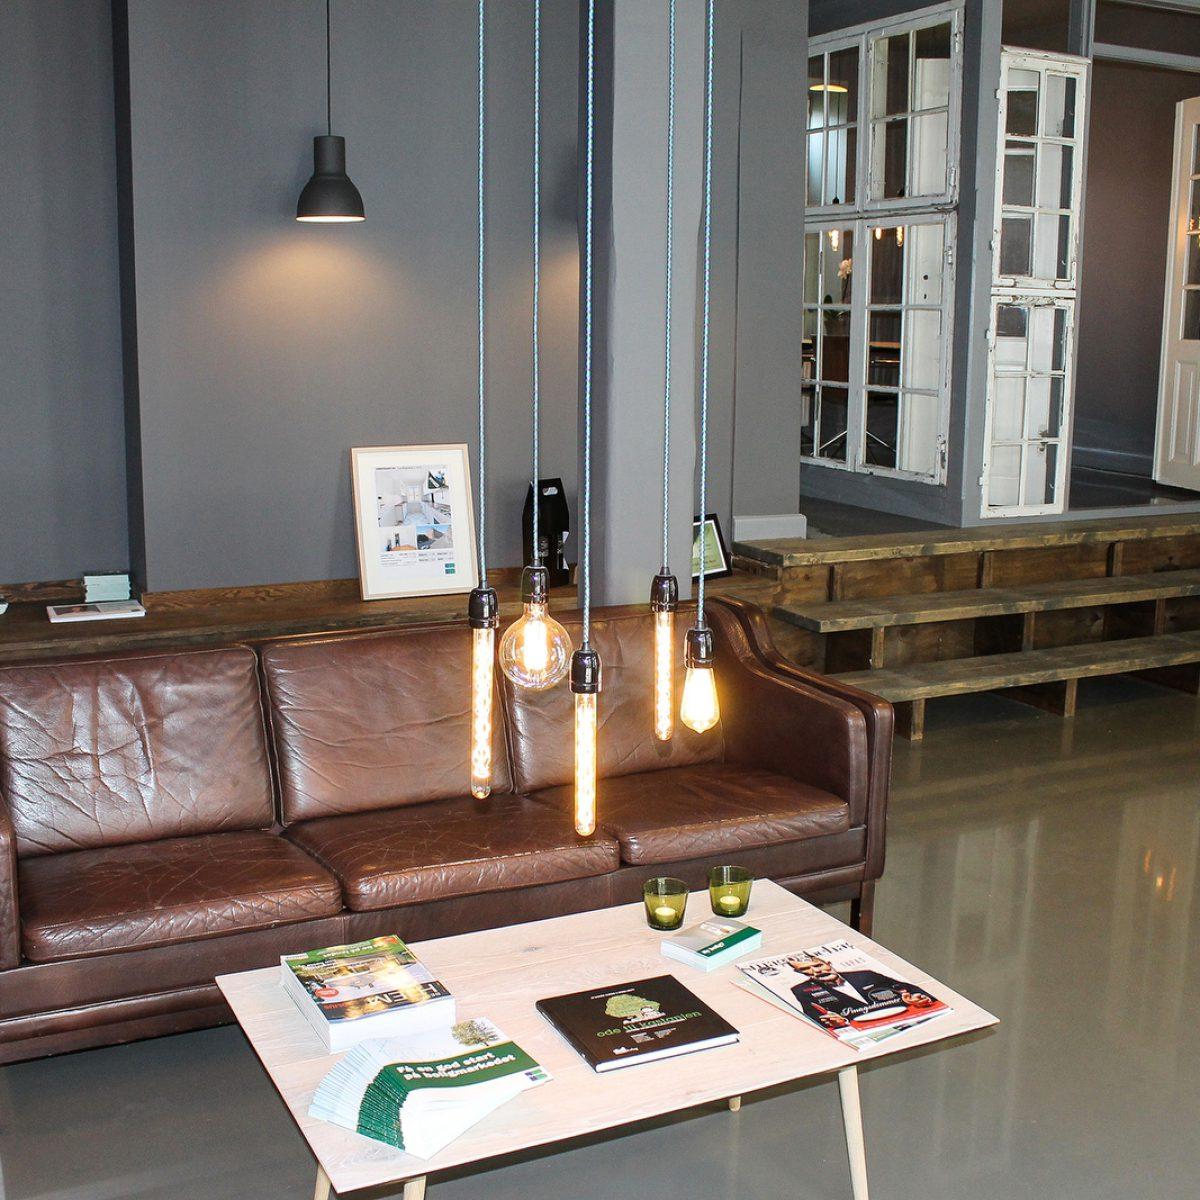 sofakrog, Nybolig, Vesterbro